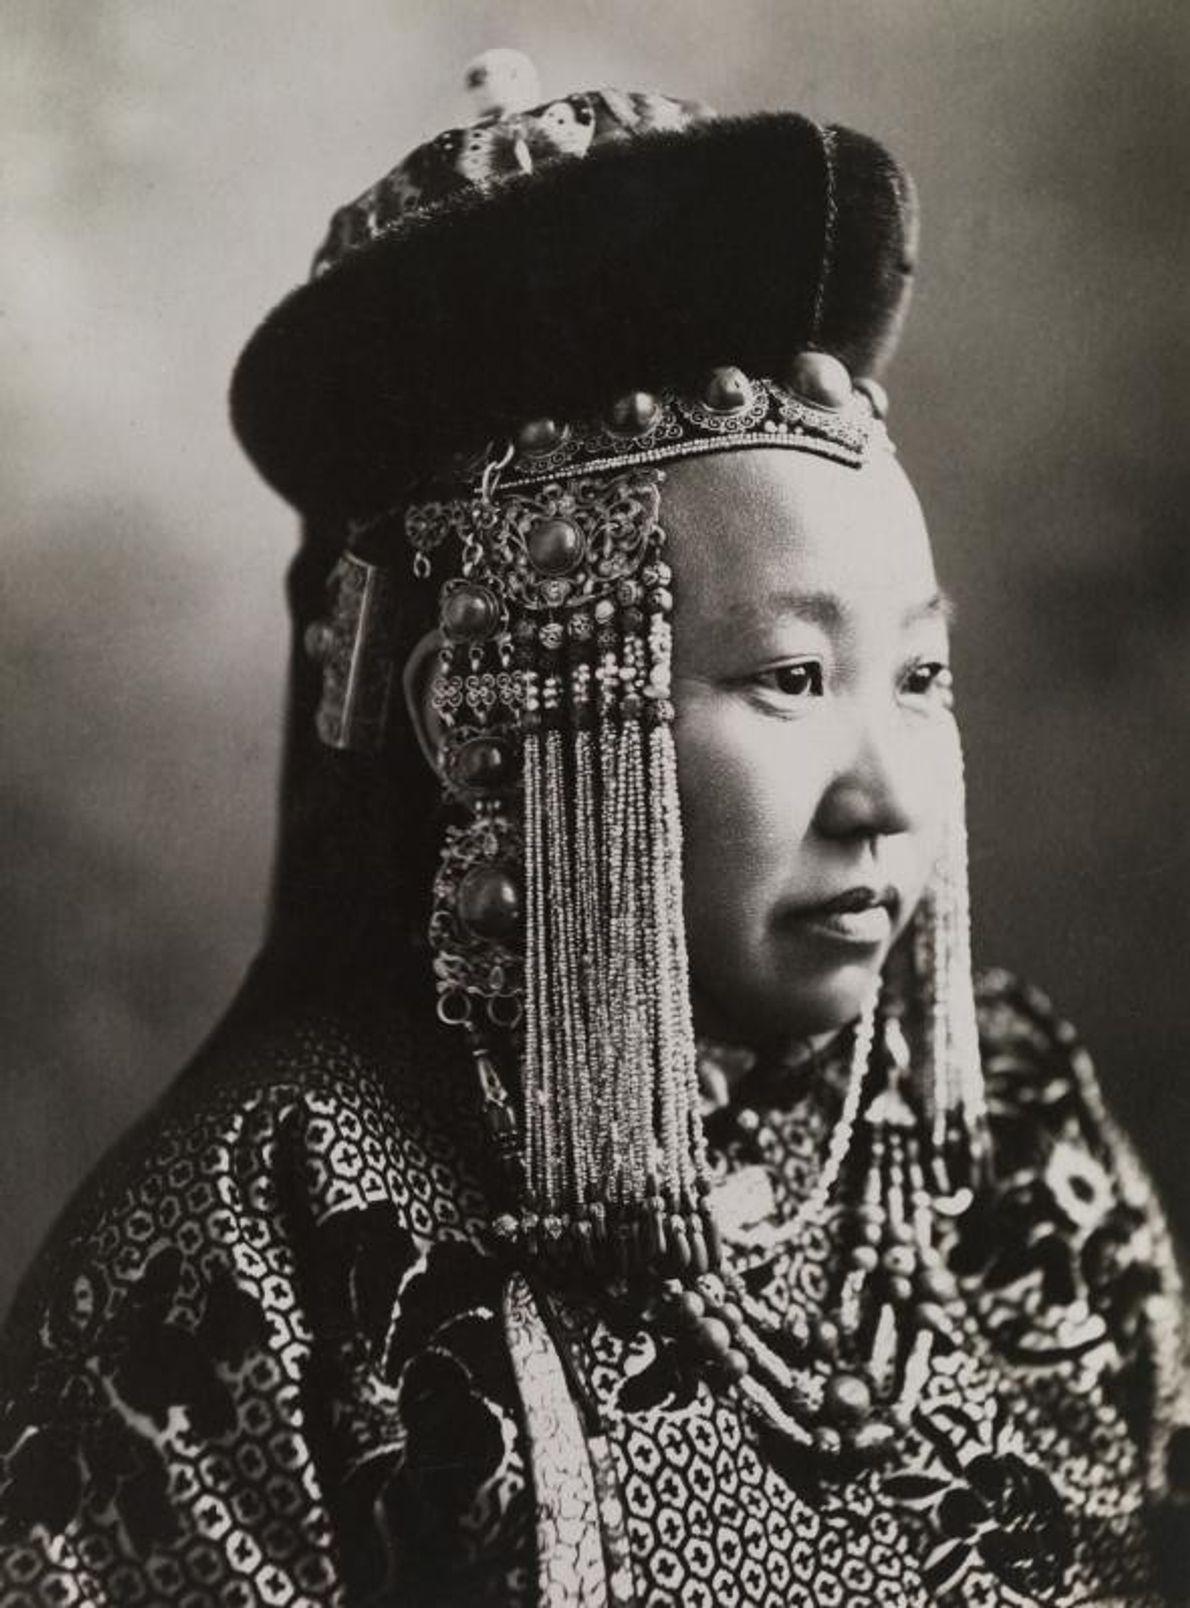 Durante milhares de anos, as mulheres governaram povoações remotas e reinaram em grandes impérios. Nesta imagem, ...